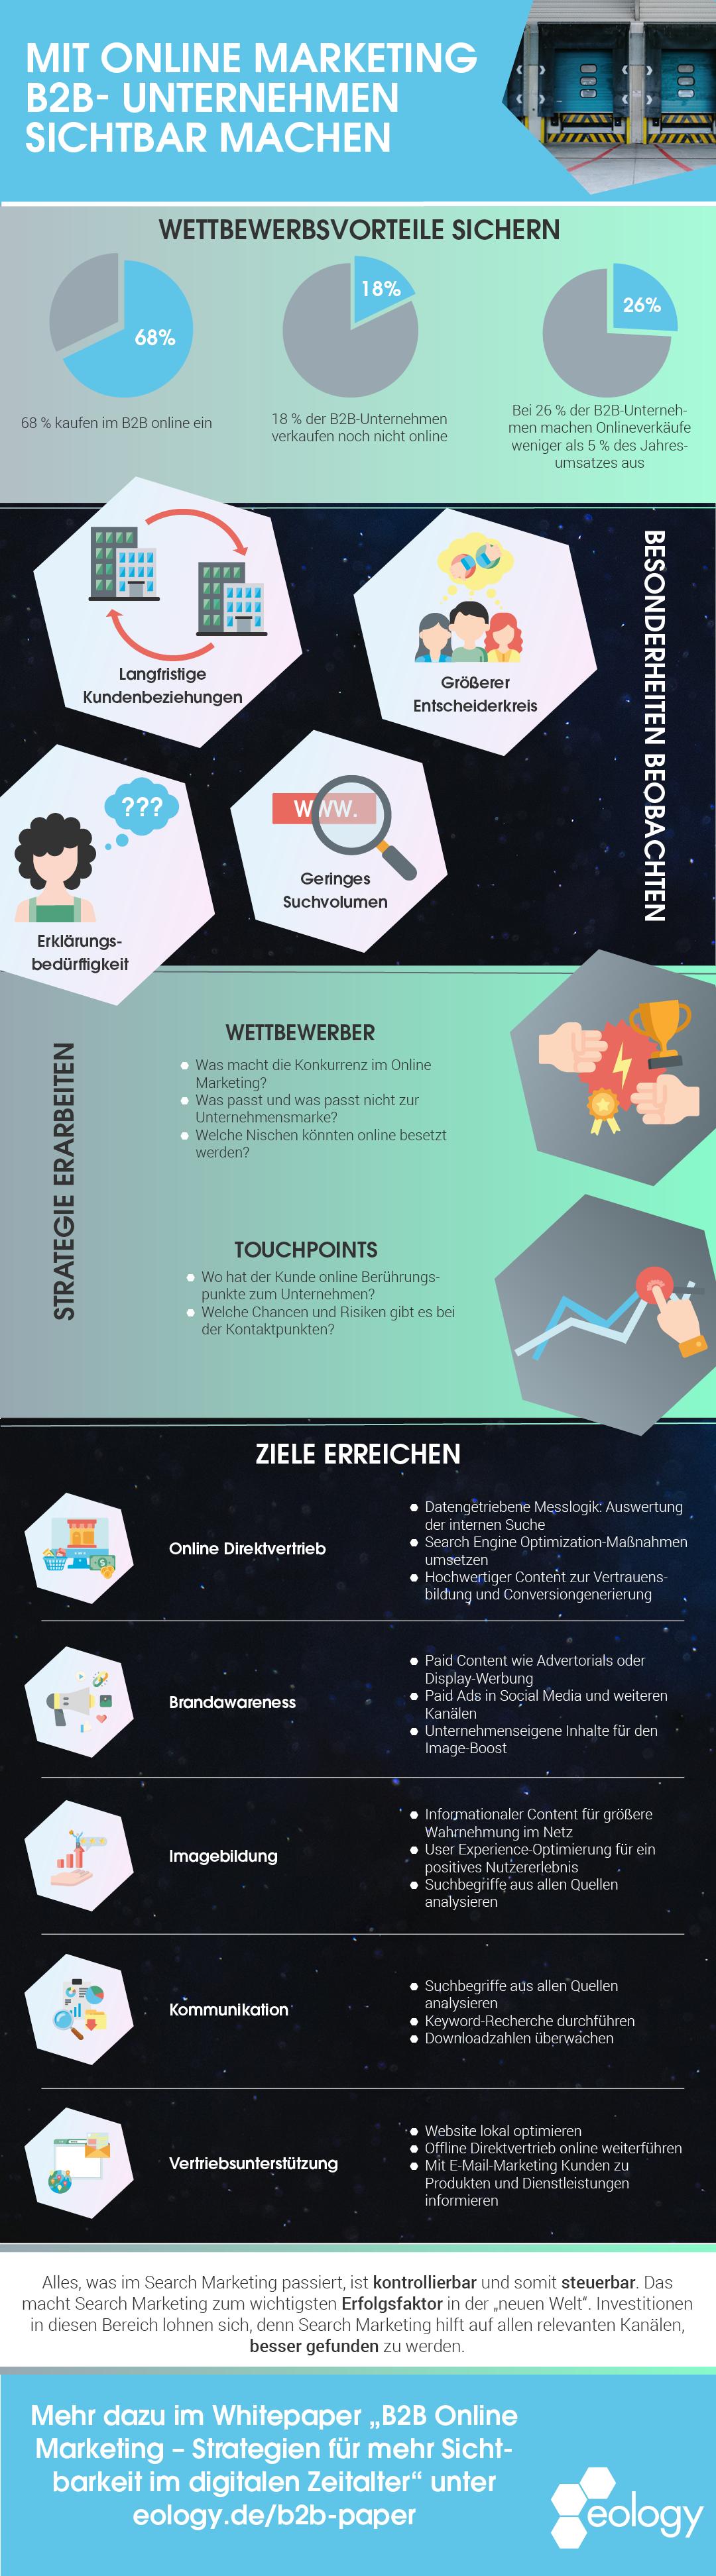 Infografik: Mit Online Marketing B2B-Unternehmen sichtbar machen